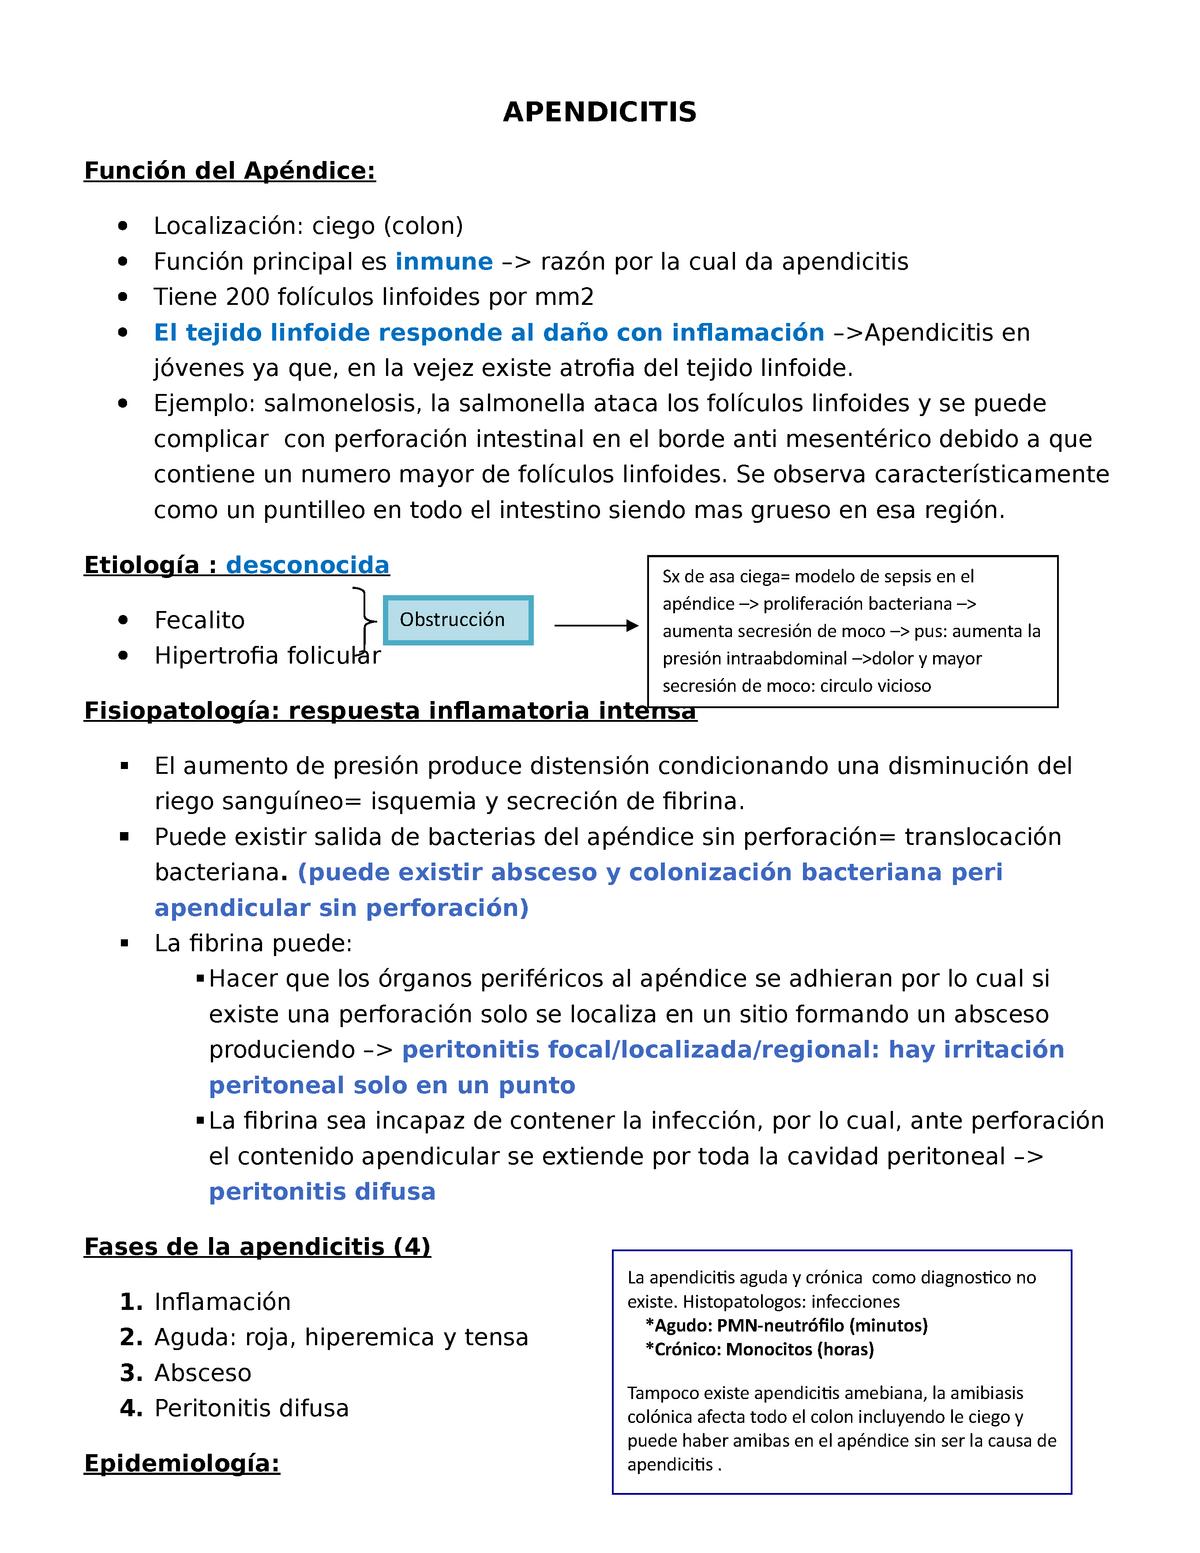 Fases Apendicitis